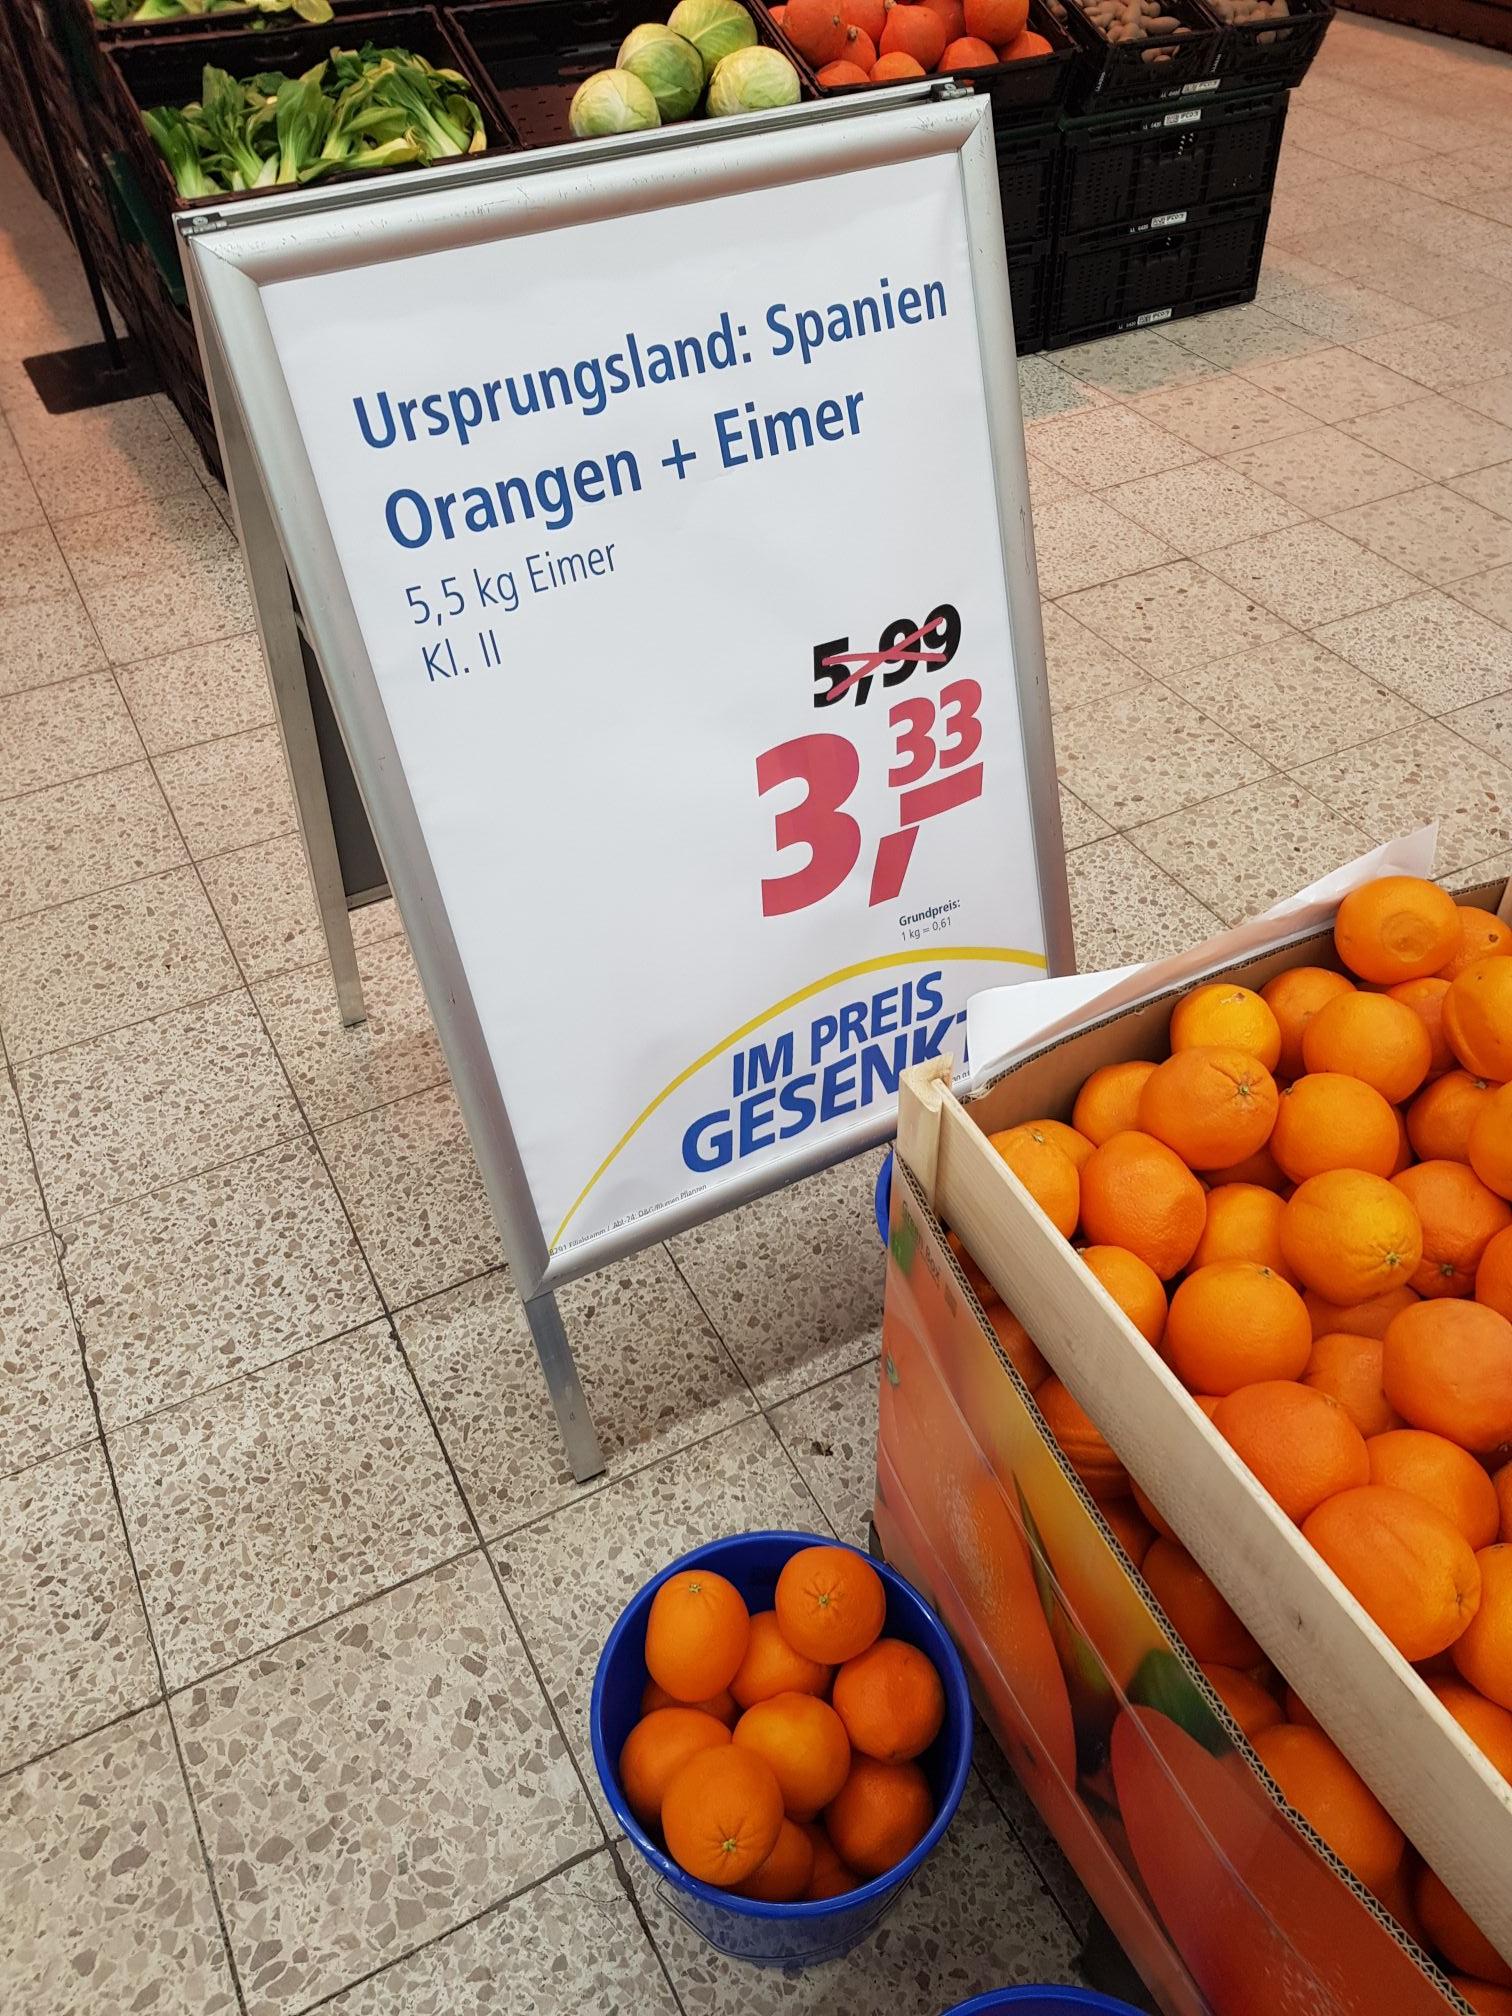 Orangen 5,5 kg Eimer Real Hamburg Oststeinbek ggf. Lokal